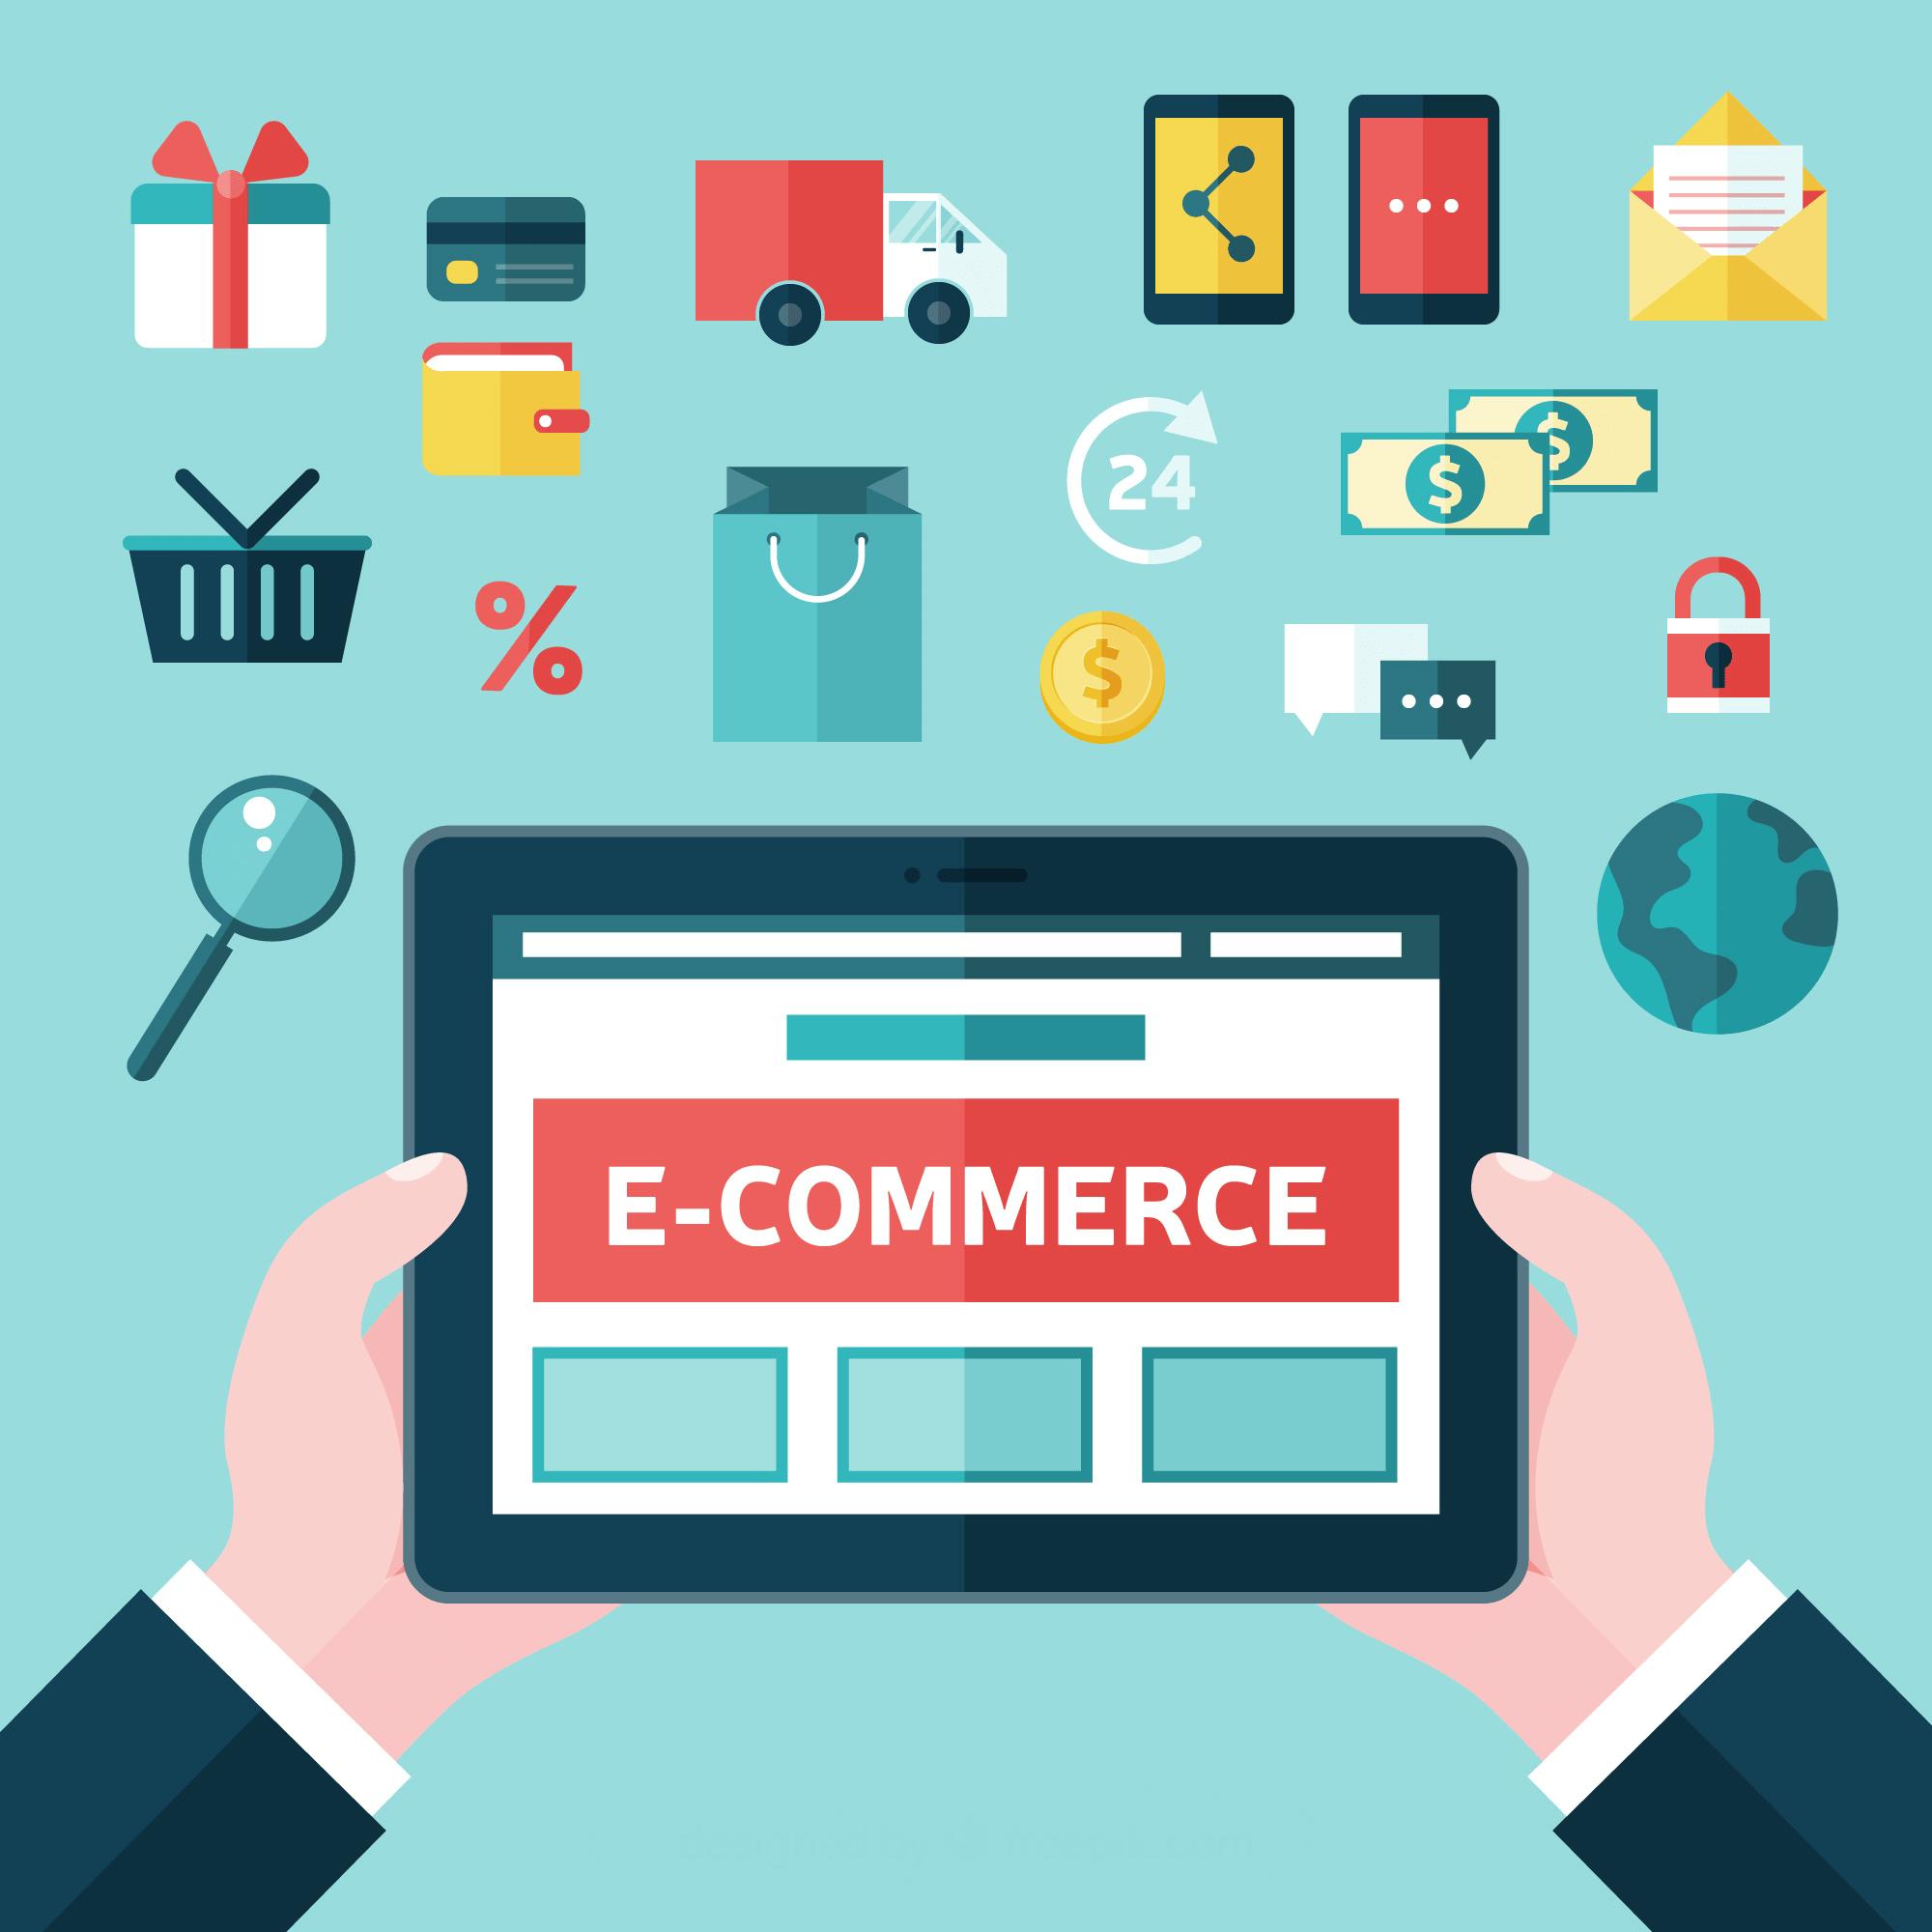 Gamification Anwendungsbeispiele im E-Commerce: Ein Erfolgreicher Gamification Ansatz hilft bei Kundenbindung und Umsatzsteigerung